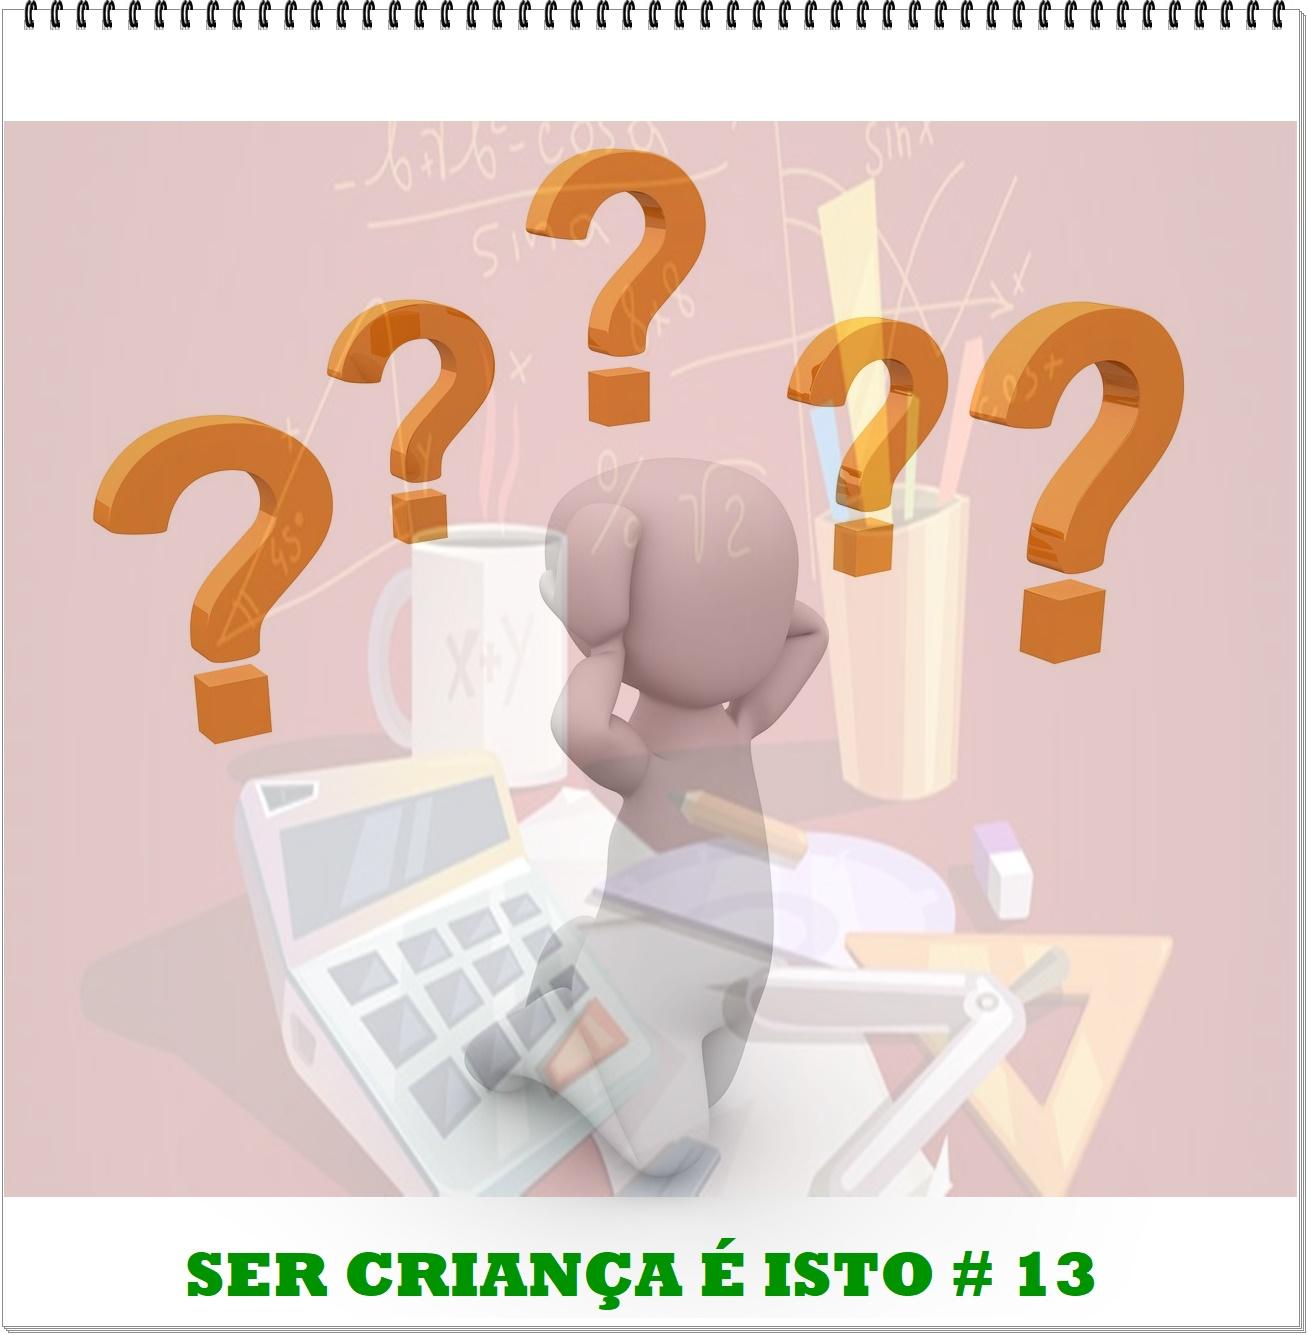 A Ravioli: Ser Criança é isto # 13 - O Problema do problema, do problema.